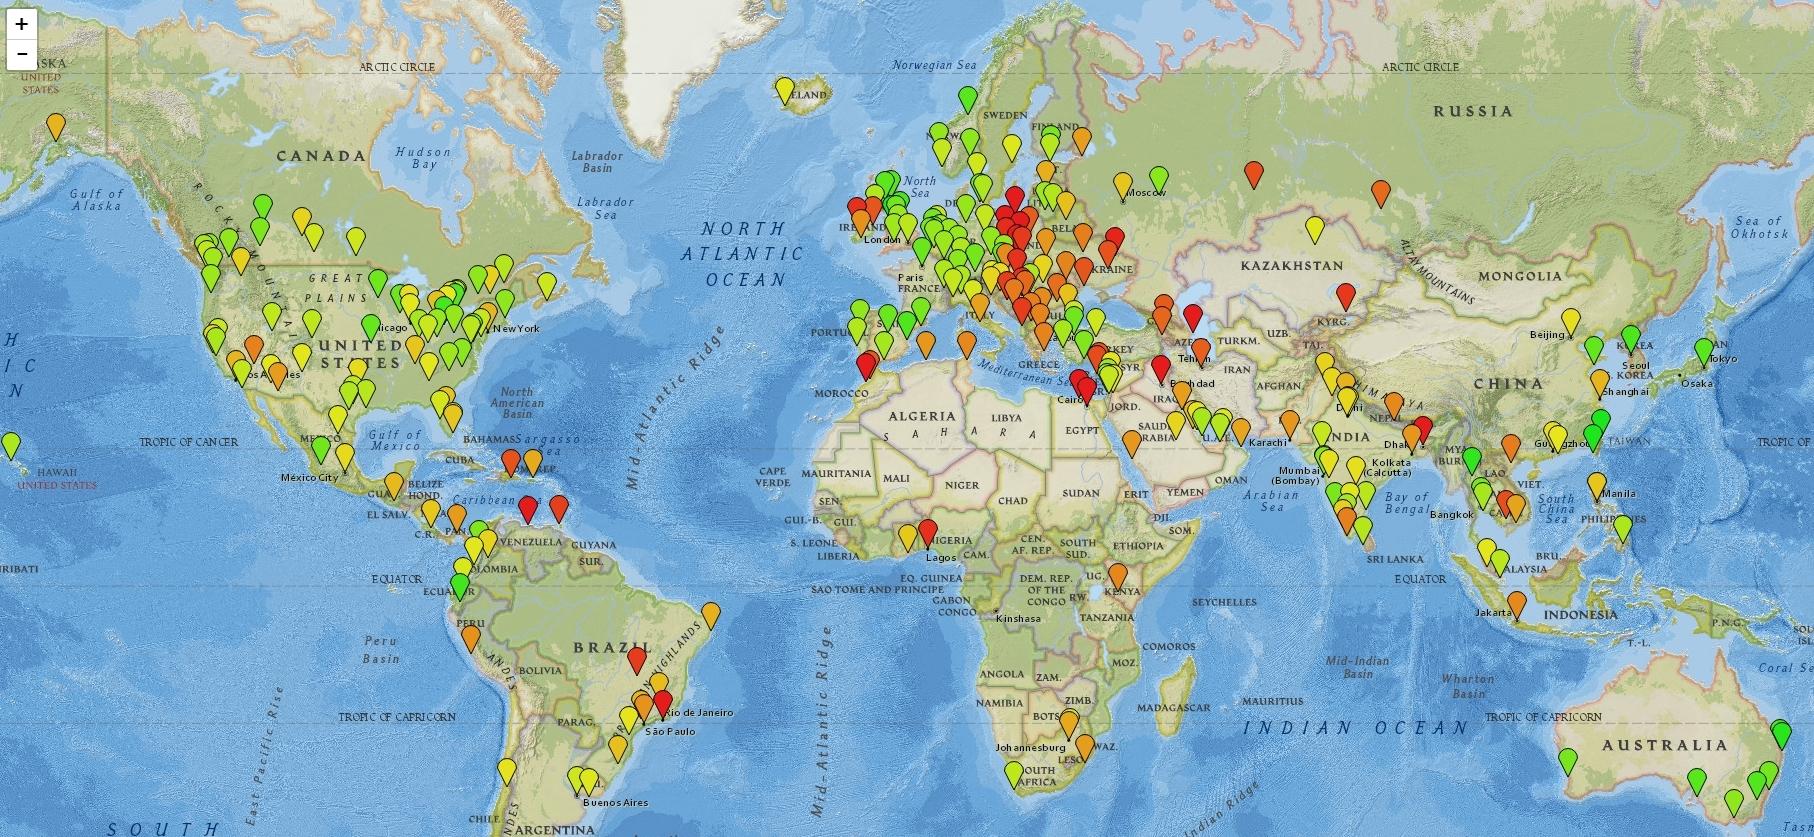 Индекс качества медицины - по городам и странам